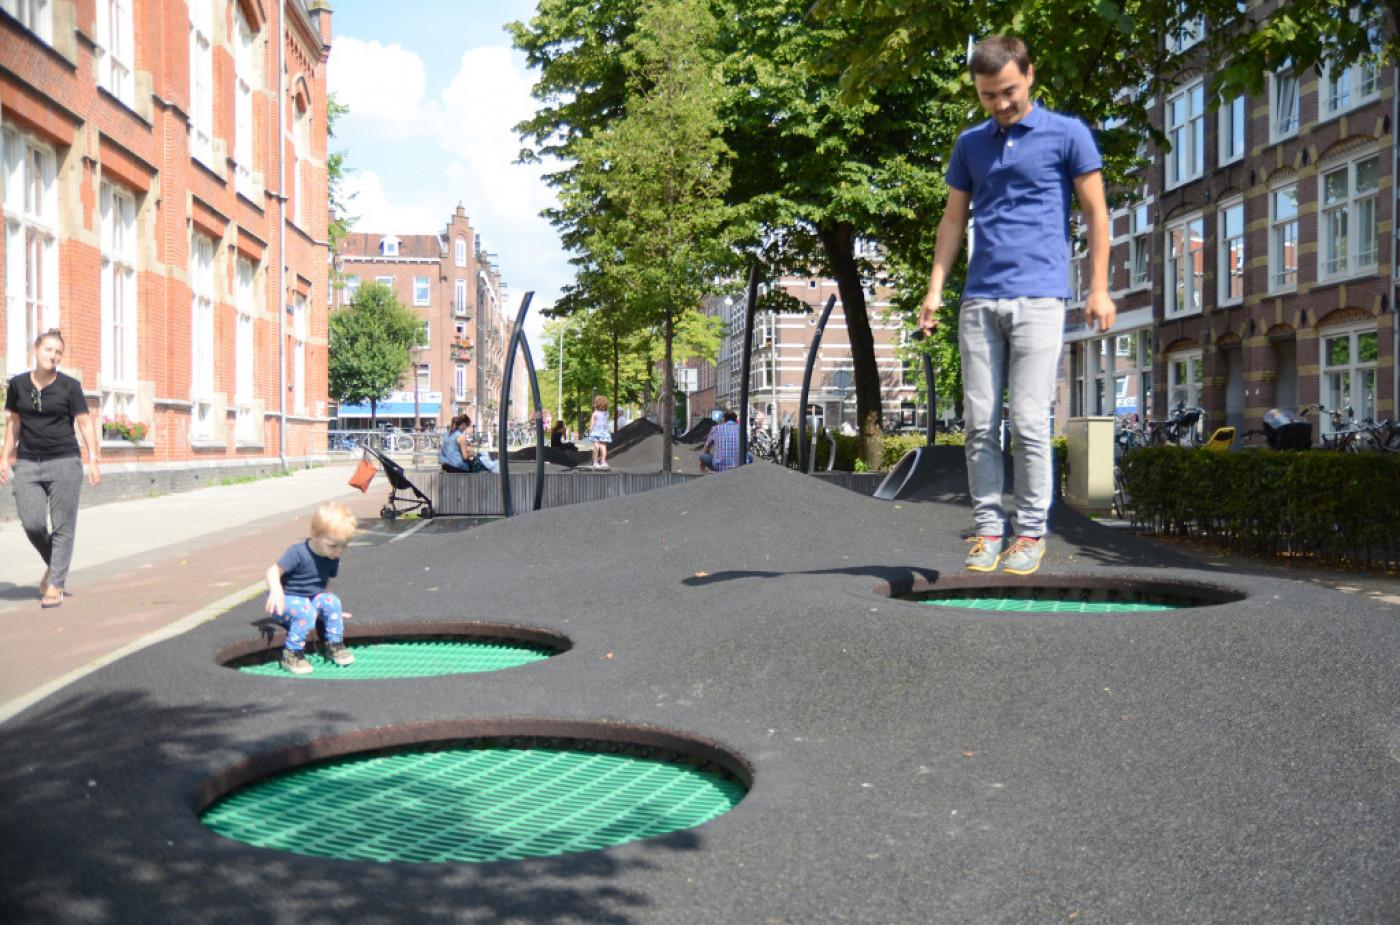 Дитяча ігрова зона Potgieterstraat від «Carve Landscape Architecture» Амстердам, Голандія. Площа —1500м. кв.